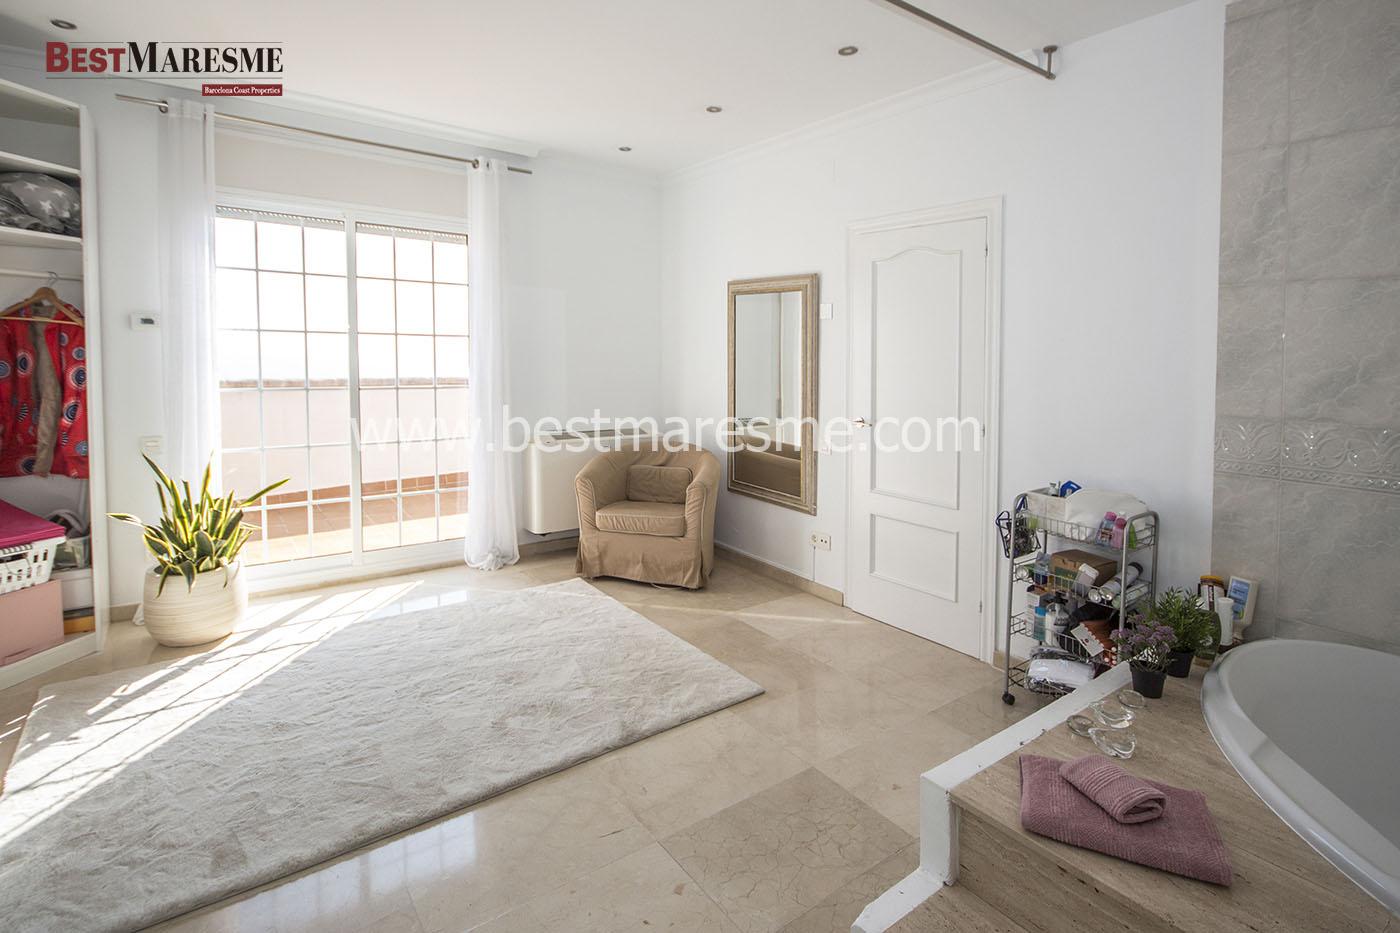 Suite con vestidor y terraza privada